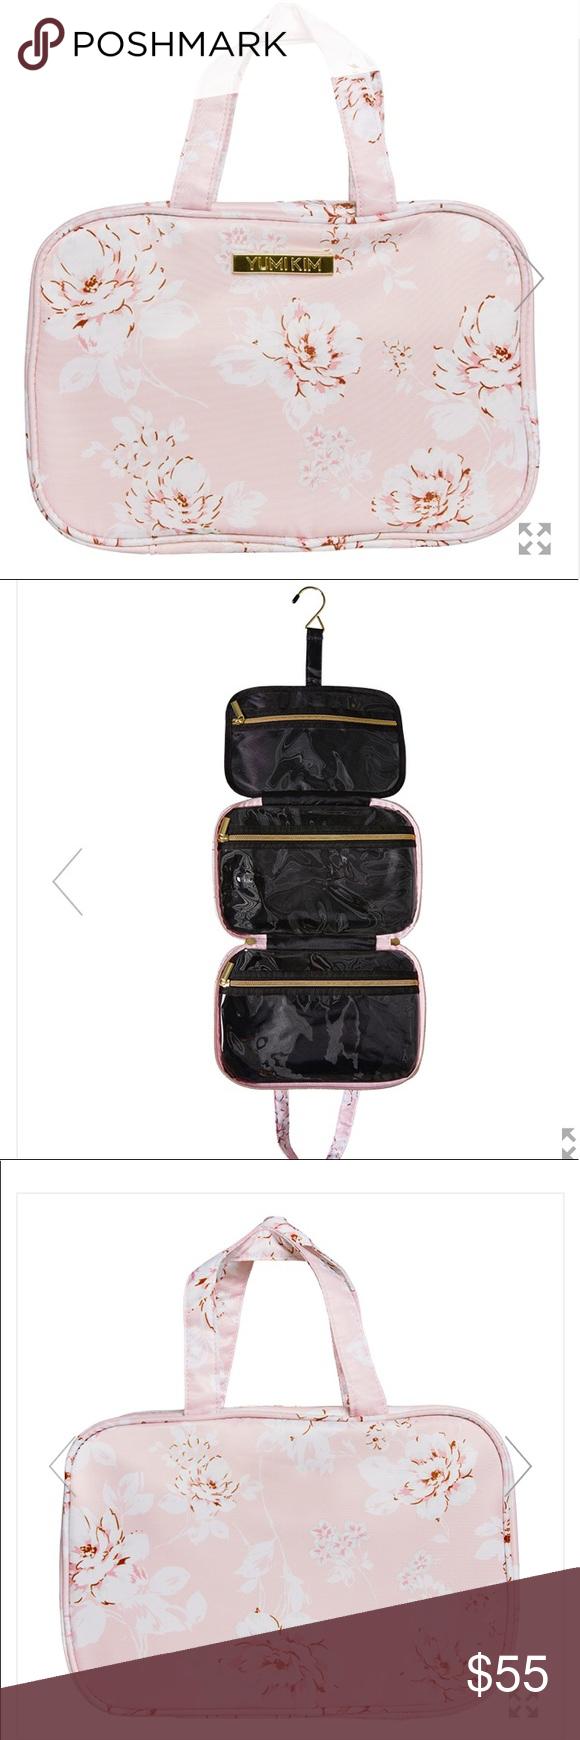 NWT Yumi Kim Hanging Toiletries Cosmetic case Bag NWT